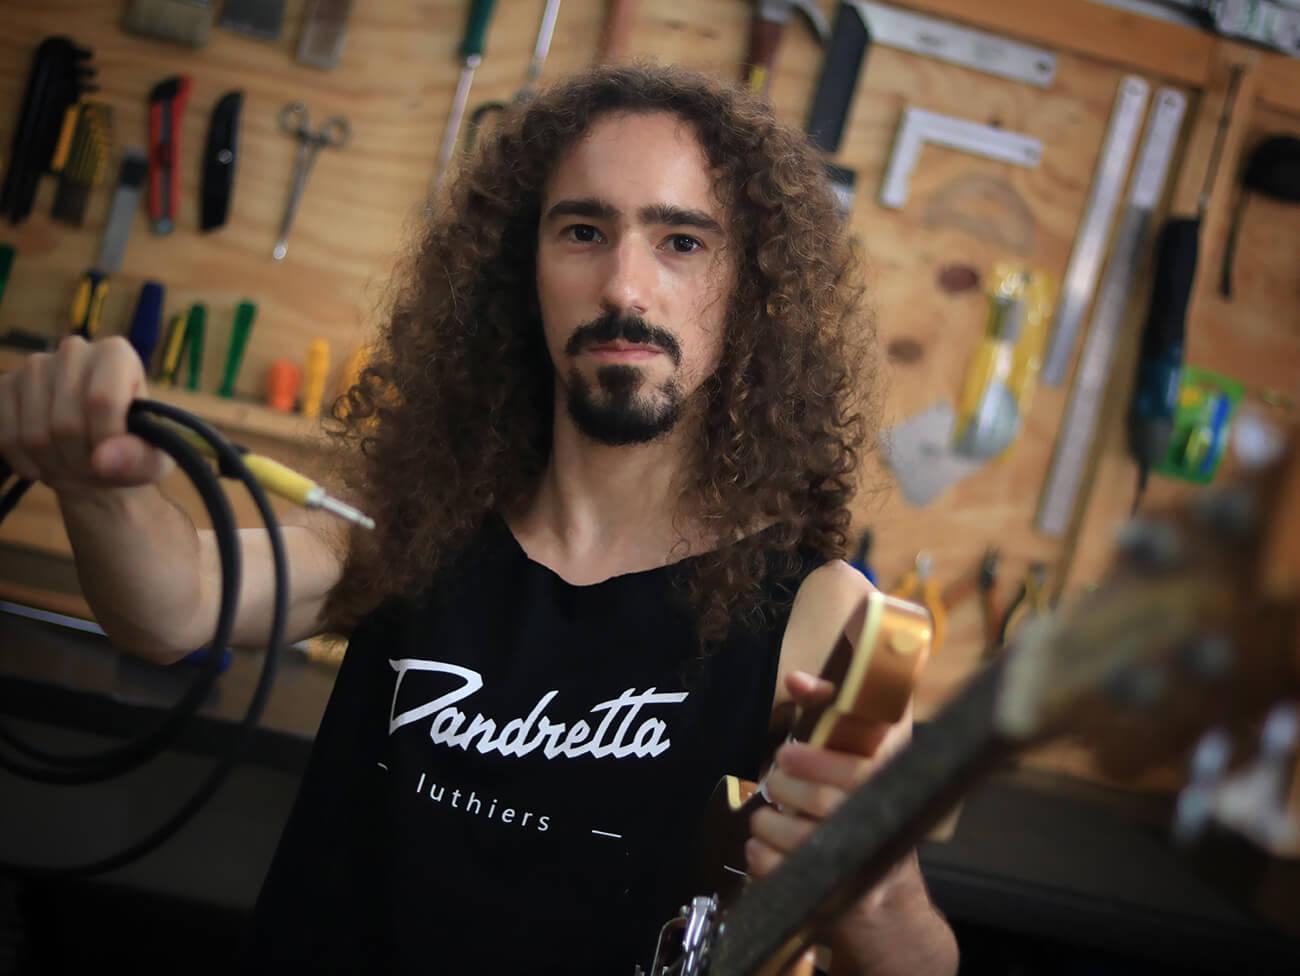 Diego Freixedelo